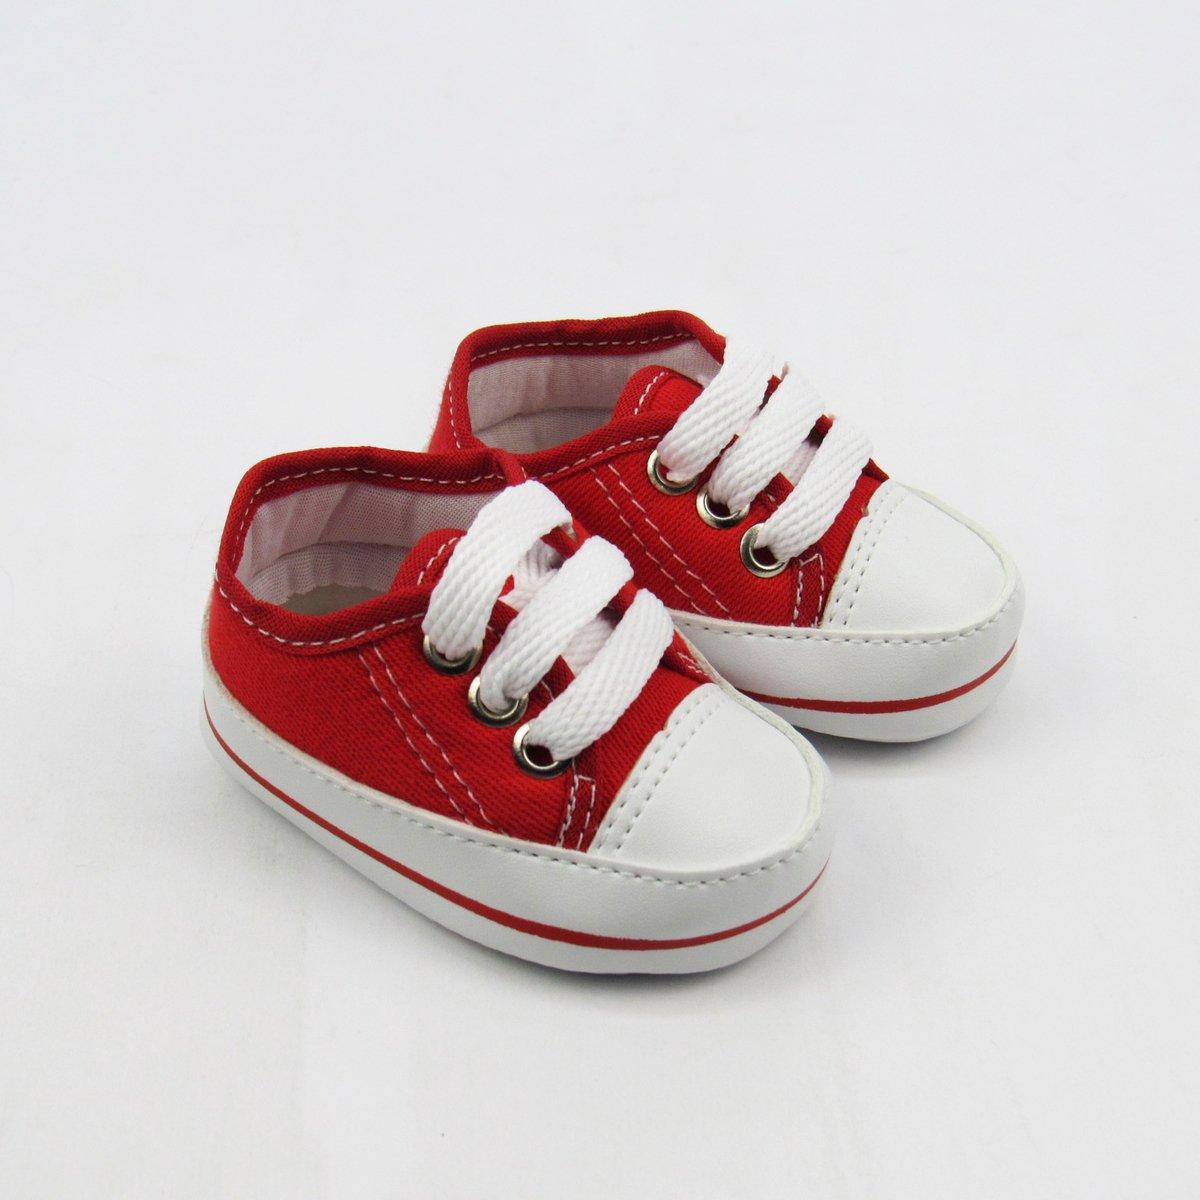 Vermelho Unissex com Bebê Cadarço M Unissex Tênis M Unissex Vermelho Vermelho Vermelho Tênis Cadarço Tênis Bebê com Bebê A7qx4dw4Y